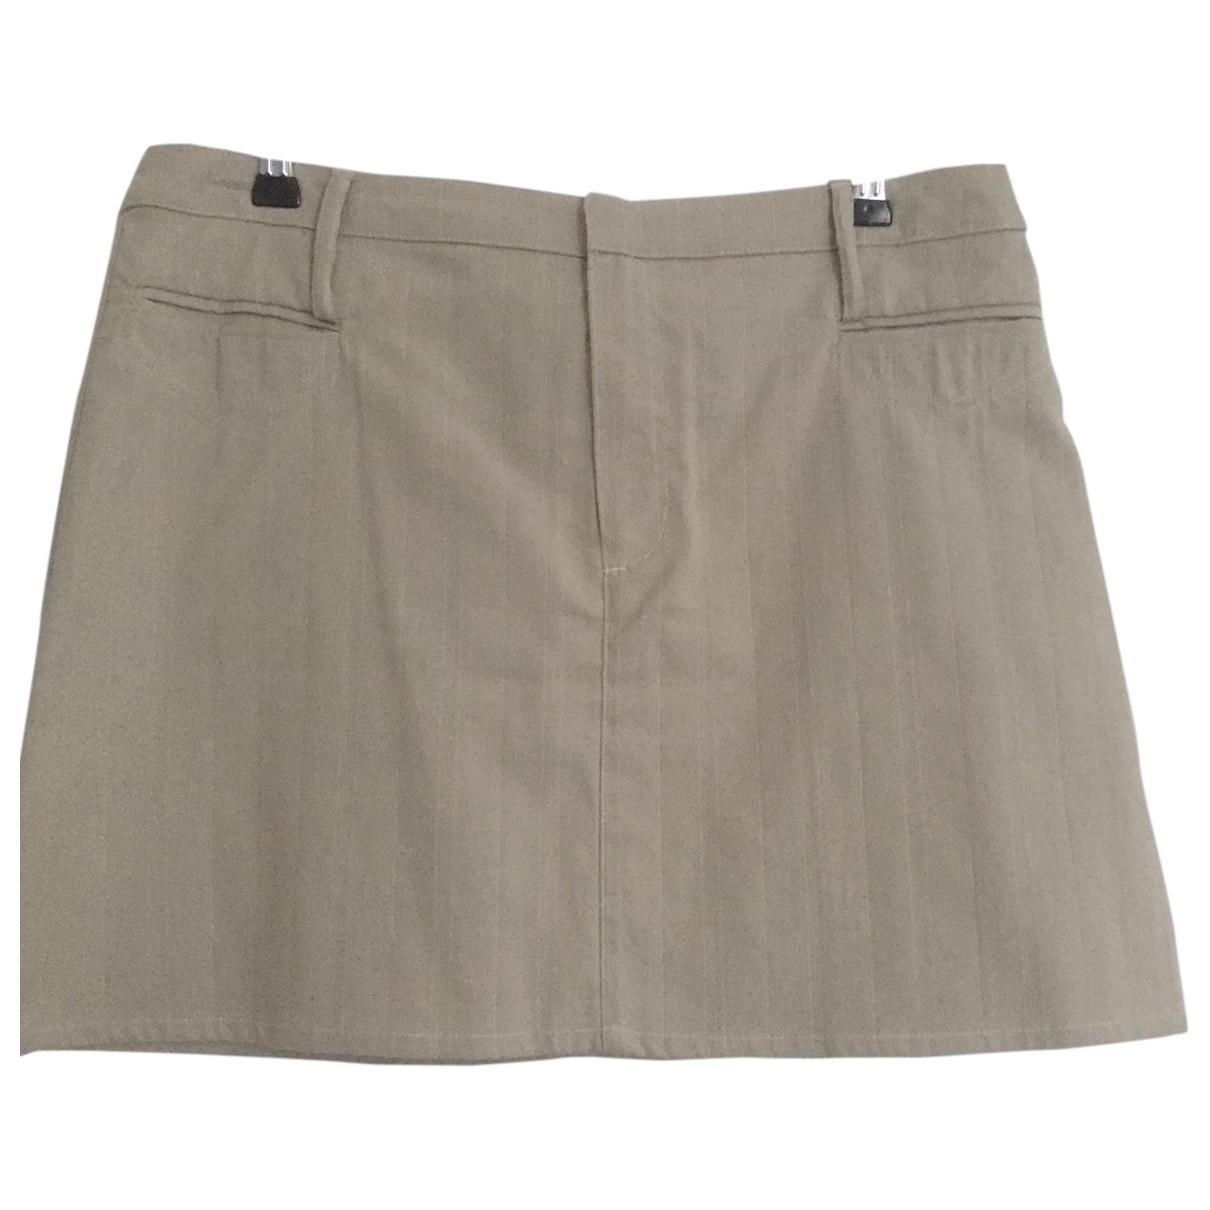 D&g - Jupe   pour femme en coton - beige